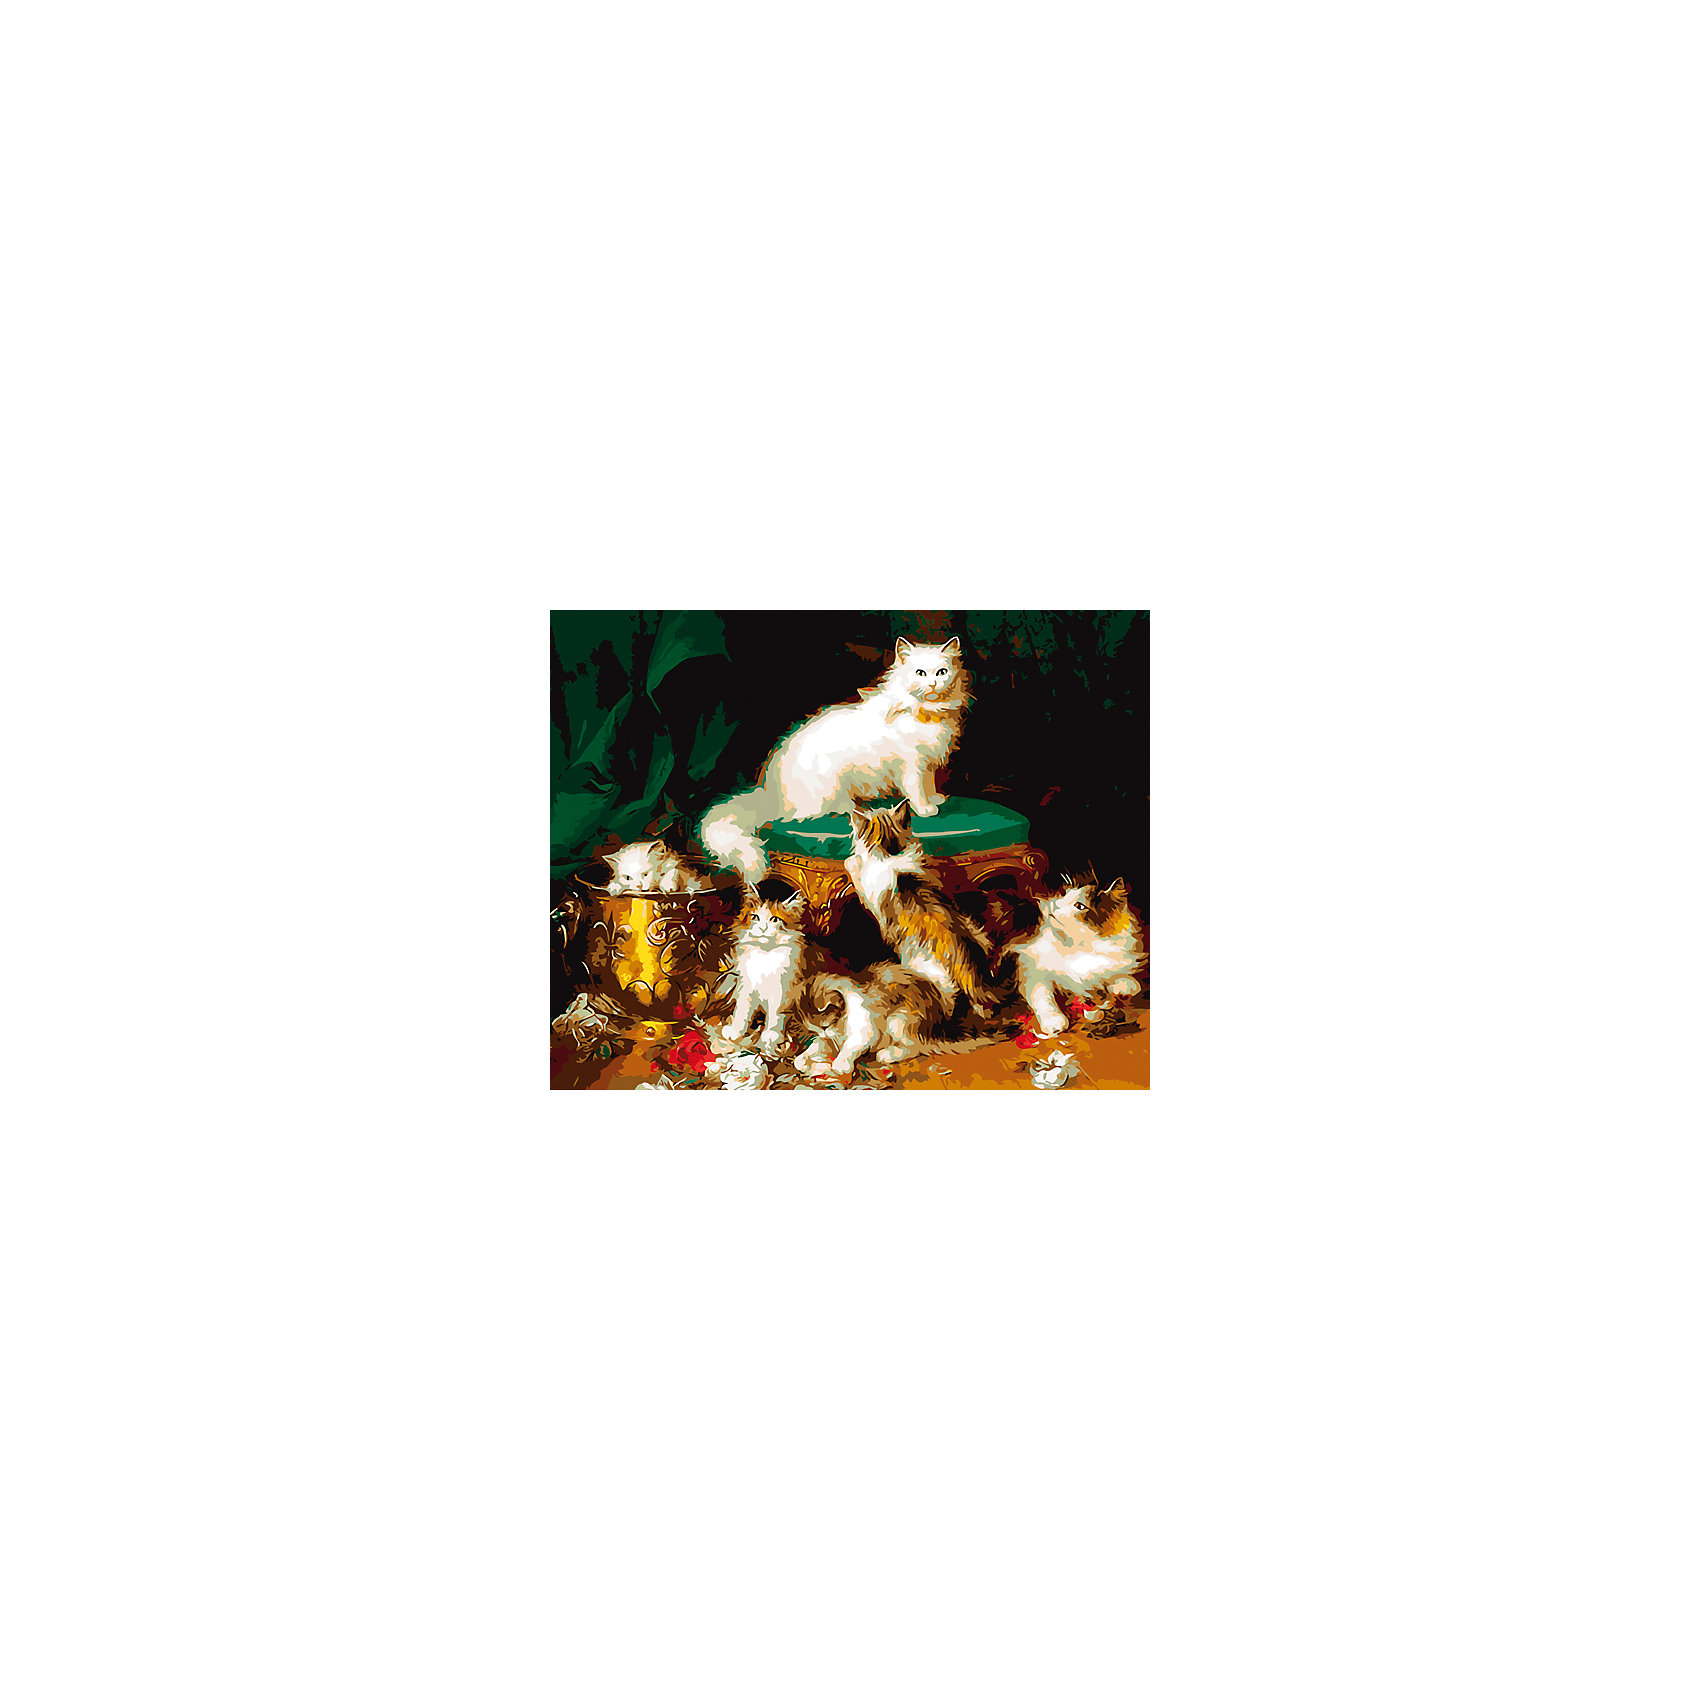 Холст с красками по номерам Пушистые котята 40х50 смРаскраски по номерам<br>замечательные наборы для создания уникального шедевра изобразительного искусства. Создание картин на специально подготовленной рабочей поверхности – это уникальная техника, позволяющая делать Ваши шедевры более яркими и реалистичными. Просто нанесите мазки на уже готовый эскиз и оживите картину! Готовые изделия могут стать украшением интерьера или прекрасным подарком близким и друзьям.<br><br>Ширина мм: 510<br>Глубина мм: 410<br>Высота мм: 25<br>Вес г: 900<br>Возраст от месяцев: 36<br>Возраст до месяцев: 108<br>Пол: Унисекс<br>Возраст: Детский<br>SKU: 5096781